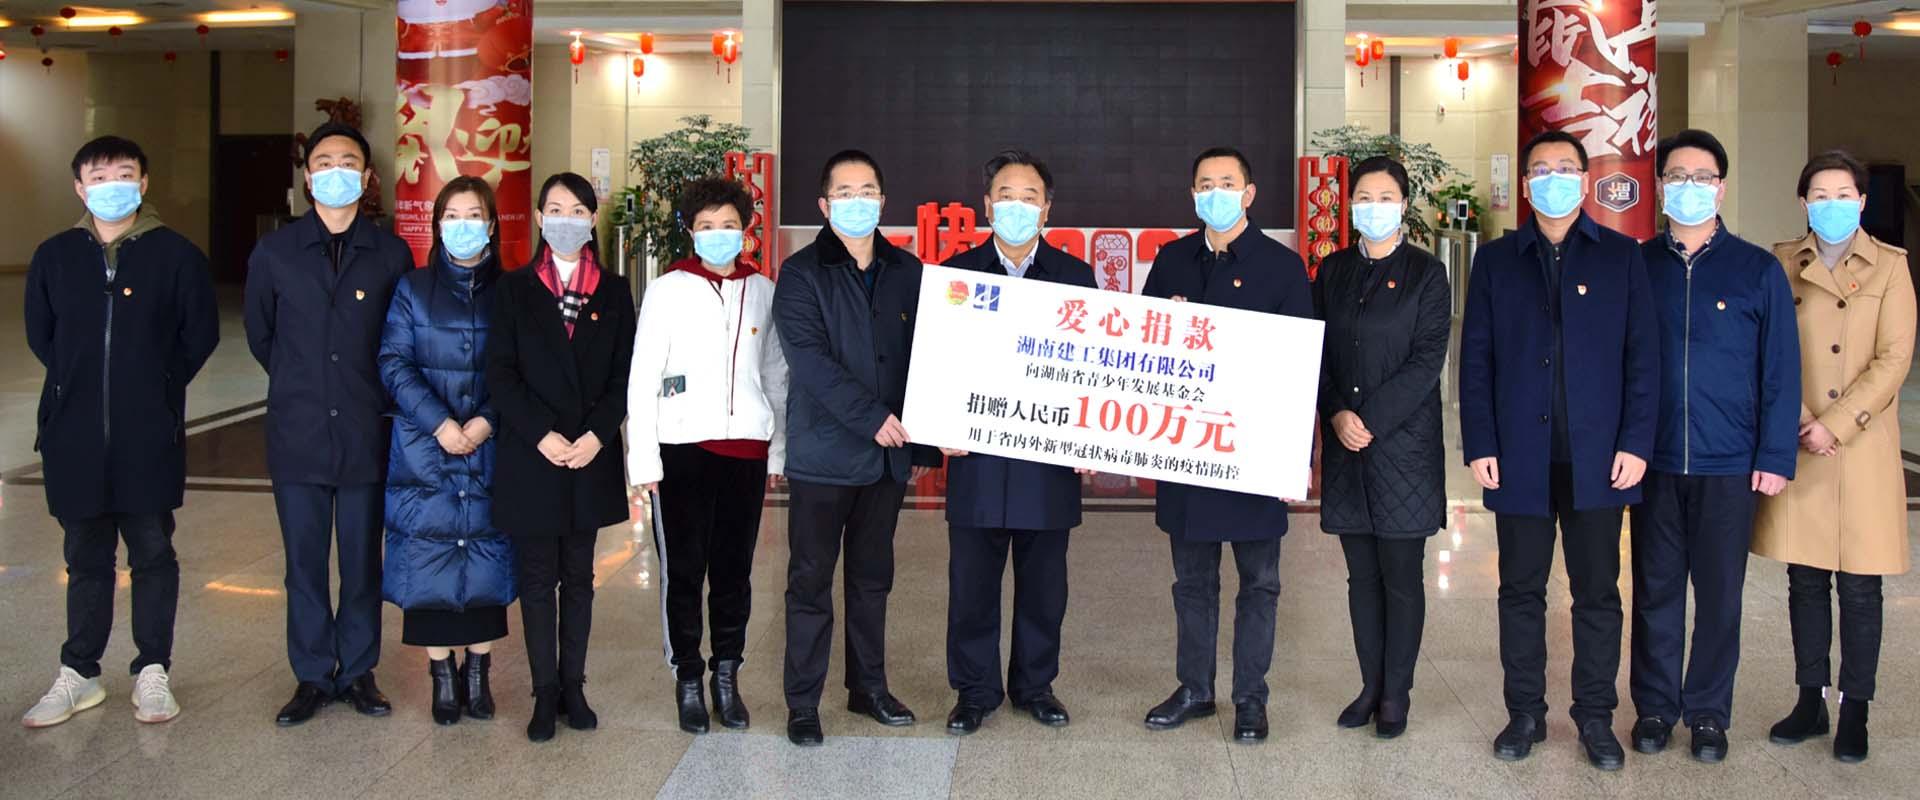 湖南建工集团向省青基会捐赠100万元善款用于疫情防控工作